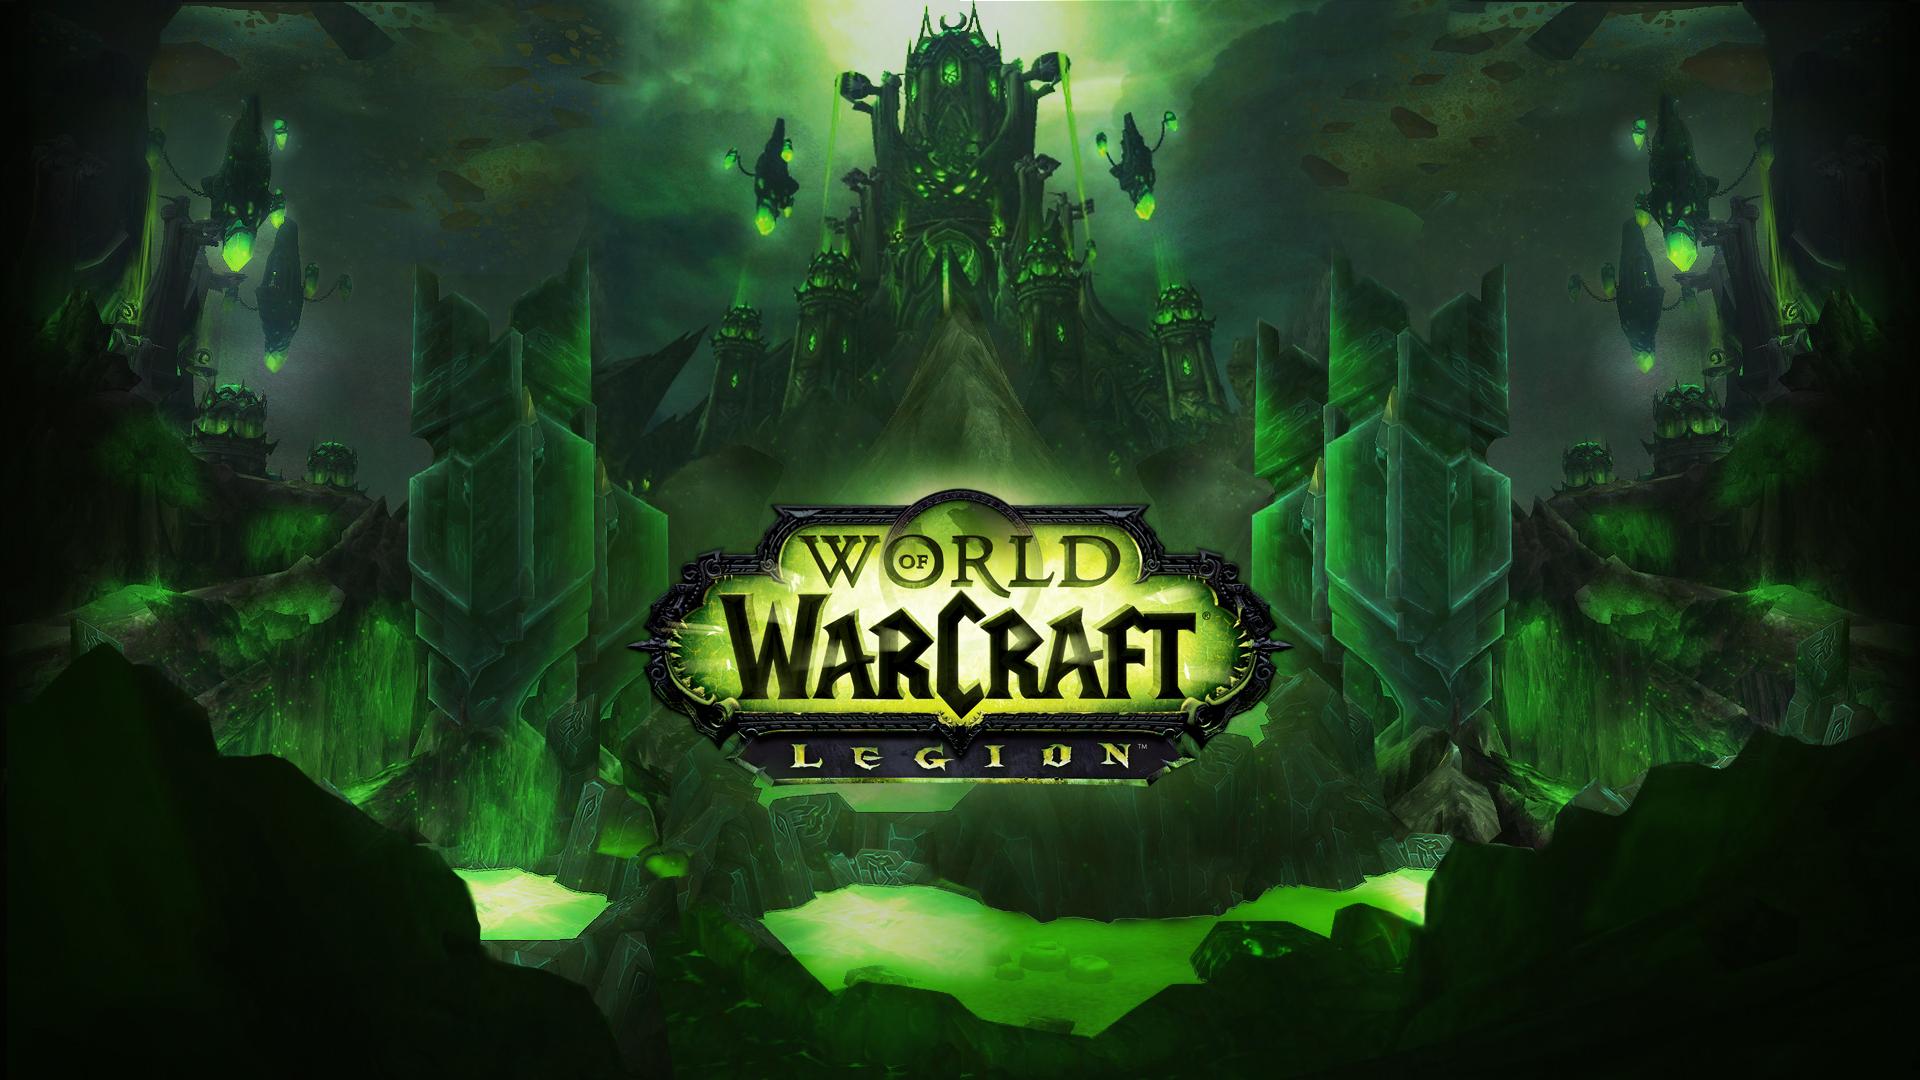 world of warcraft legion wallpaper by mokuin on deviantart